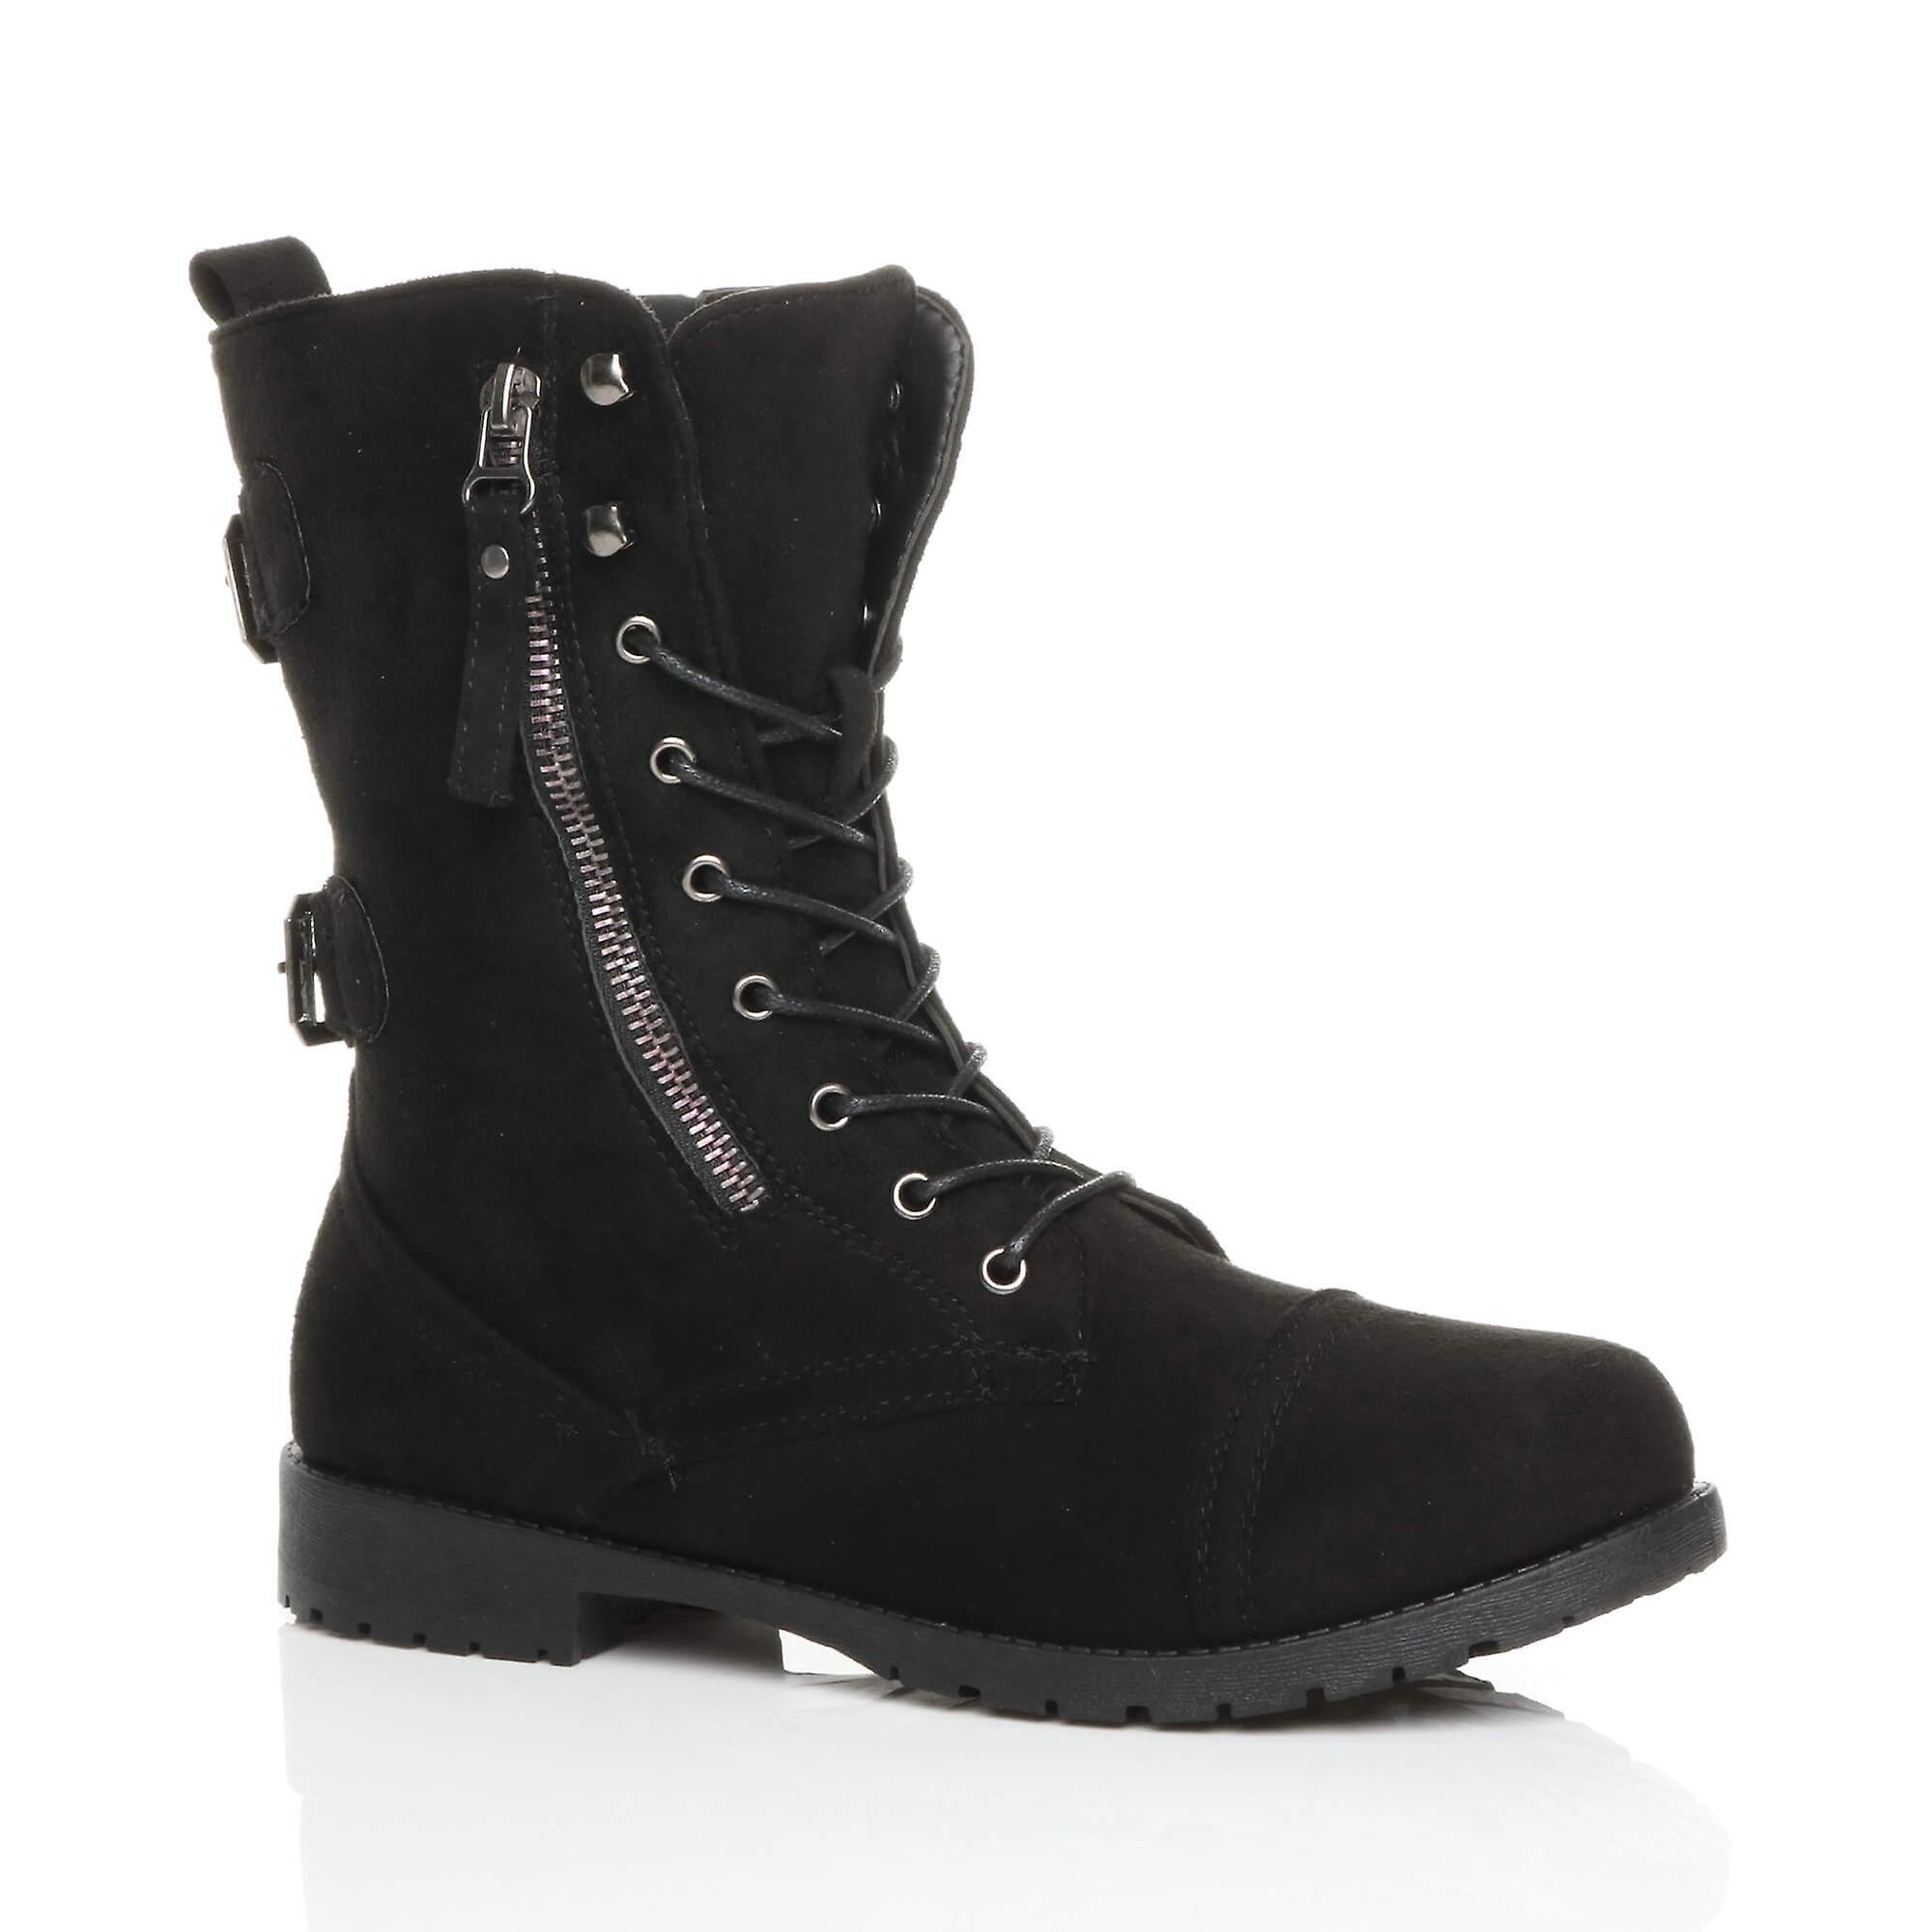 Ajvani damskie płaskie niskie pięty koronki do zip, buty za kostkę wojskowej walki armii Eq9KU